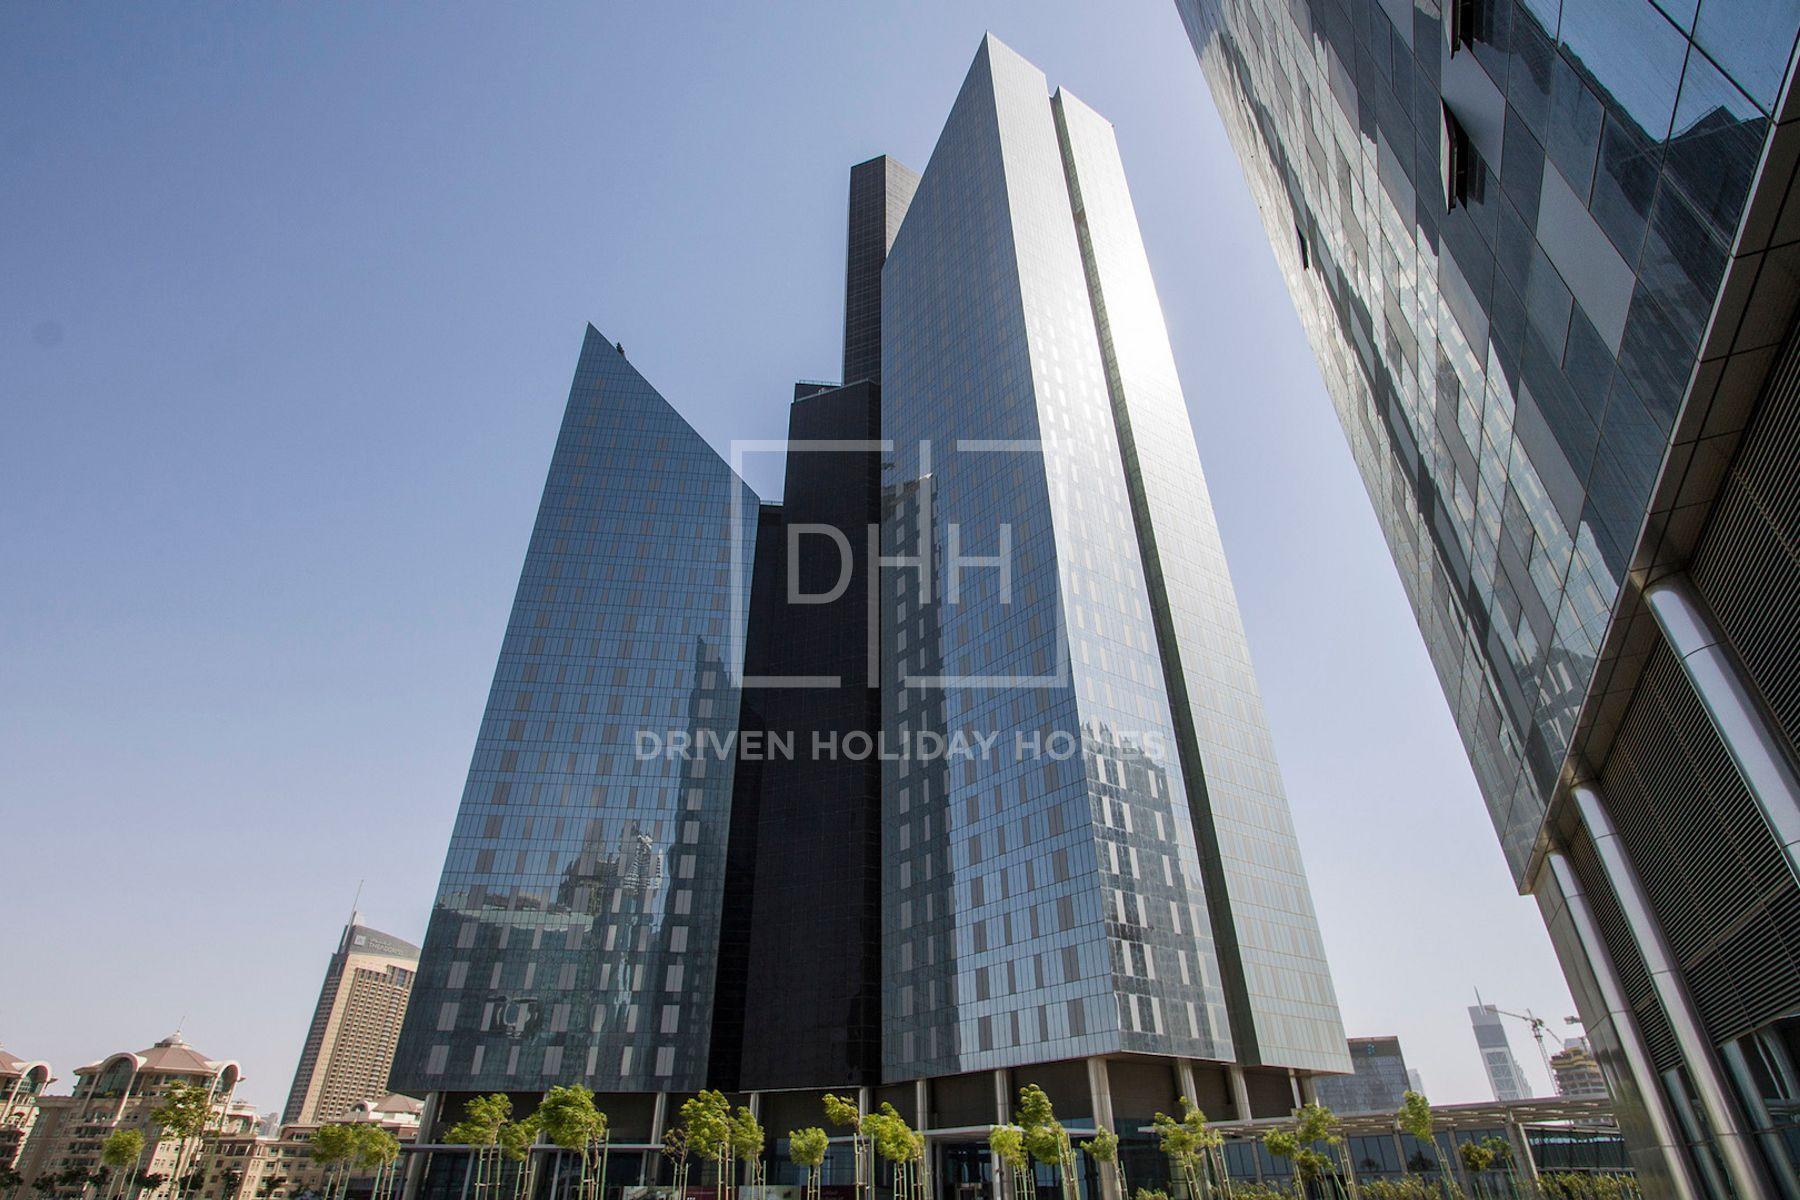 للايجار - ستوديو - برج سنترال بارك السكني - مركز دبي المالي العالمي